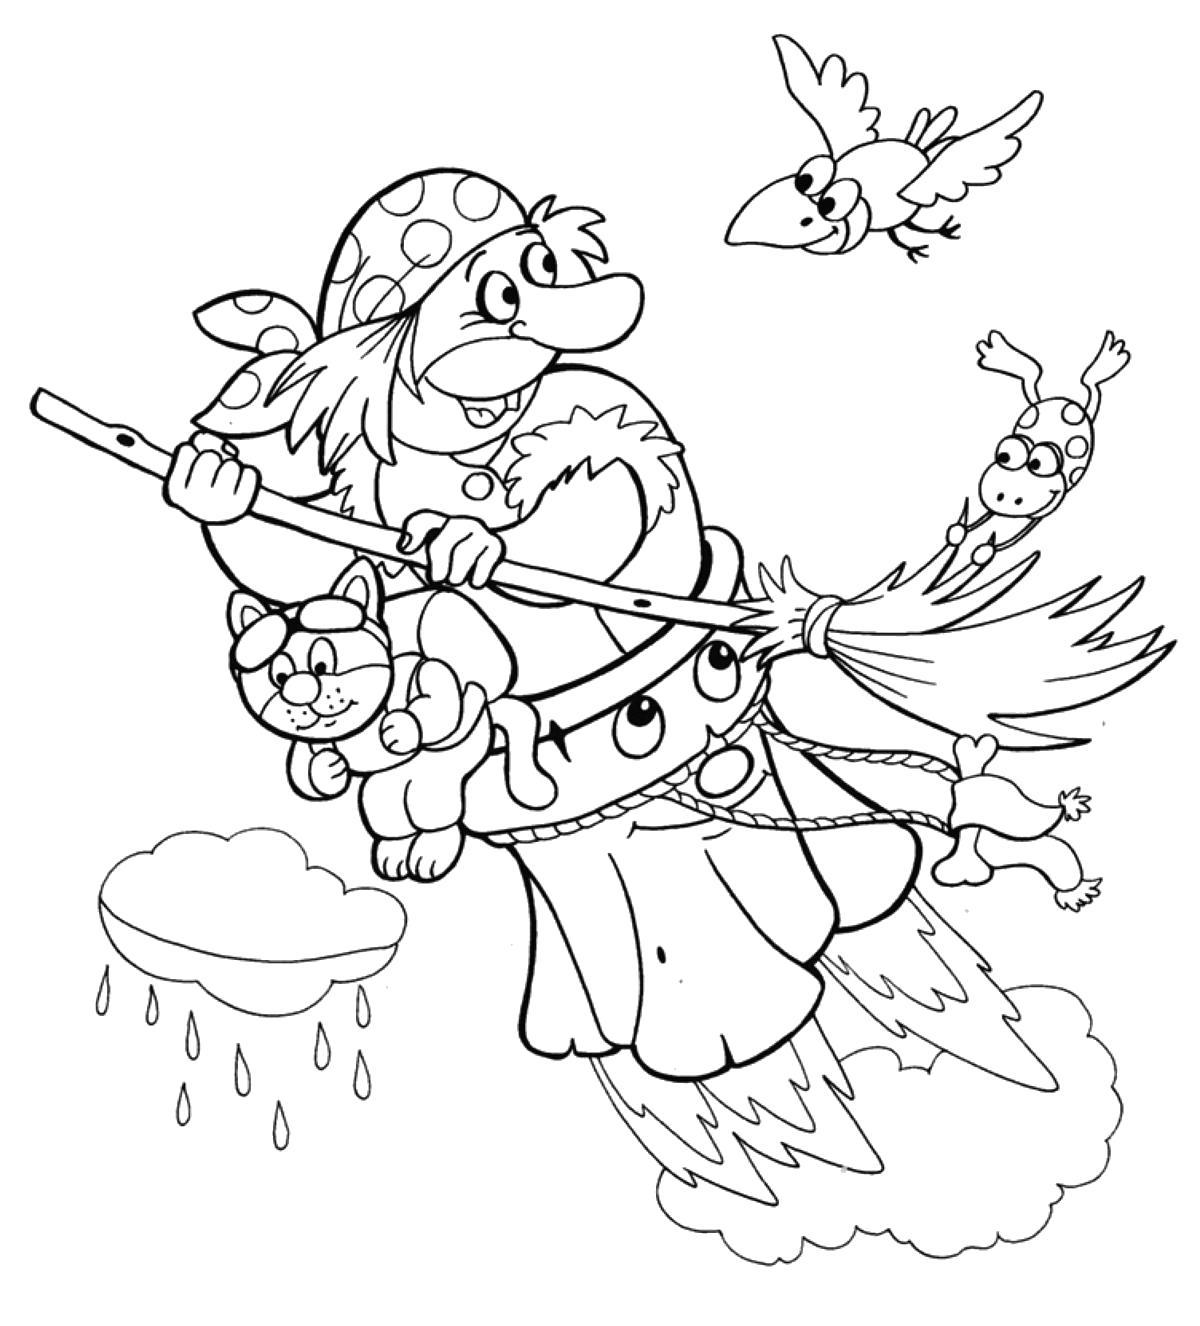 Раскраска Баба Яга.  для детей.. Скачать баба яга.  Распечатать герои сказок